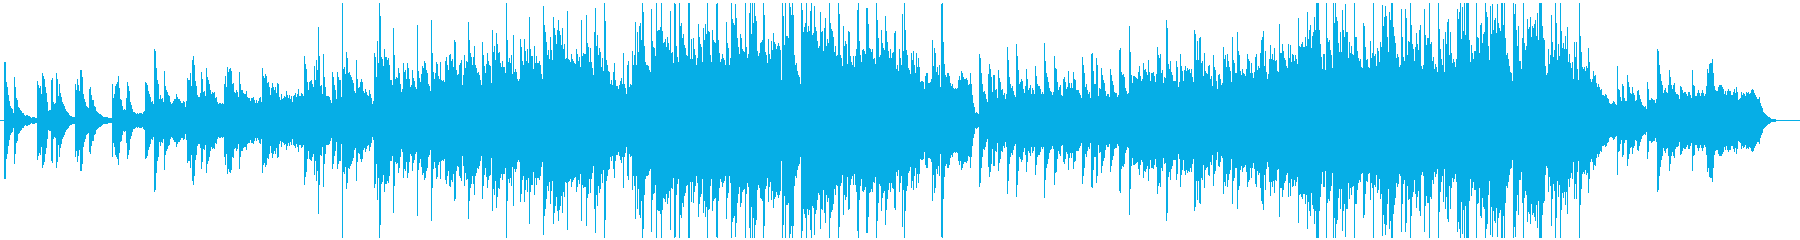 ピアノと弦楽器の感動バラードの再生済みの波形